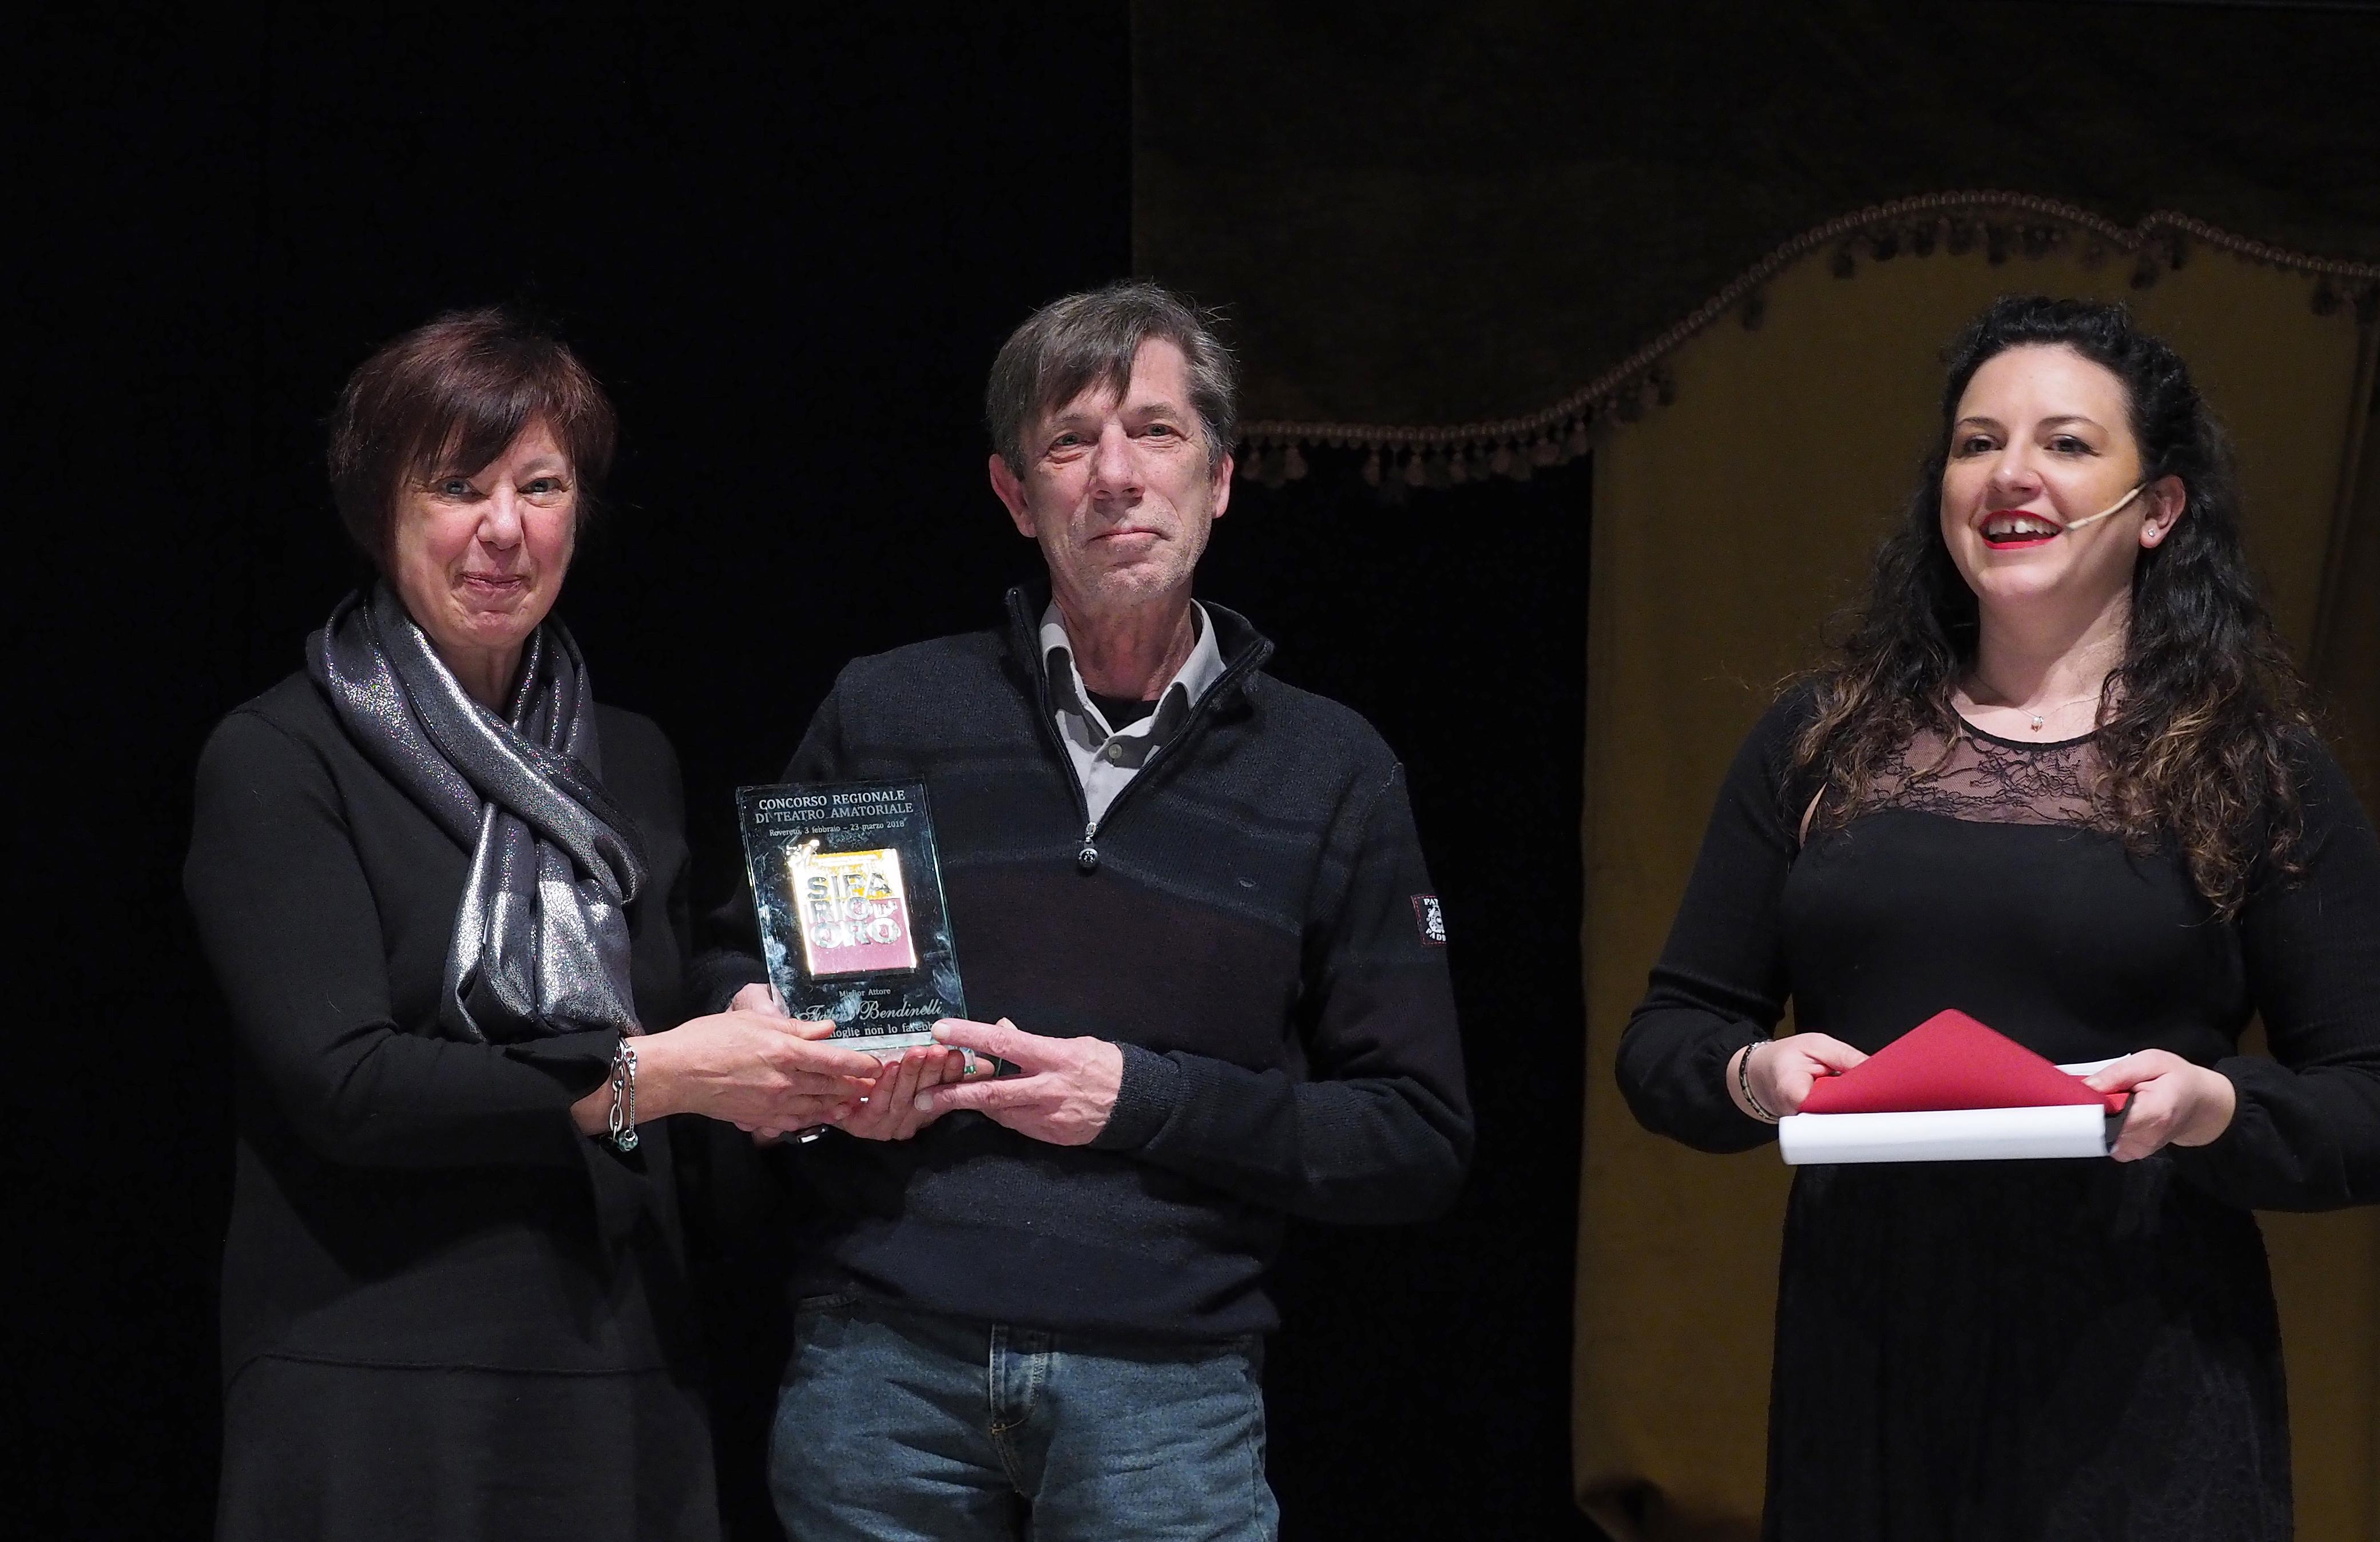 Miglior Attore - Regionale - Fabio Bendinelli della Compagnia Teatrale La Baraca di Martignano